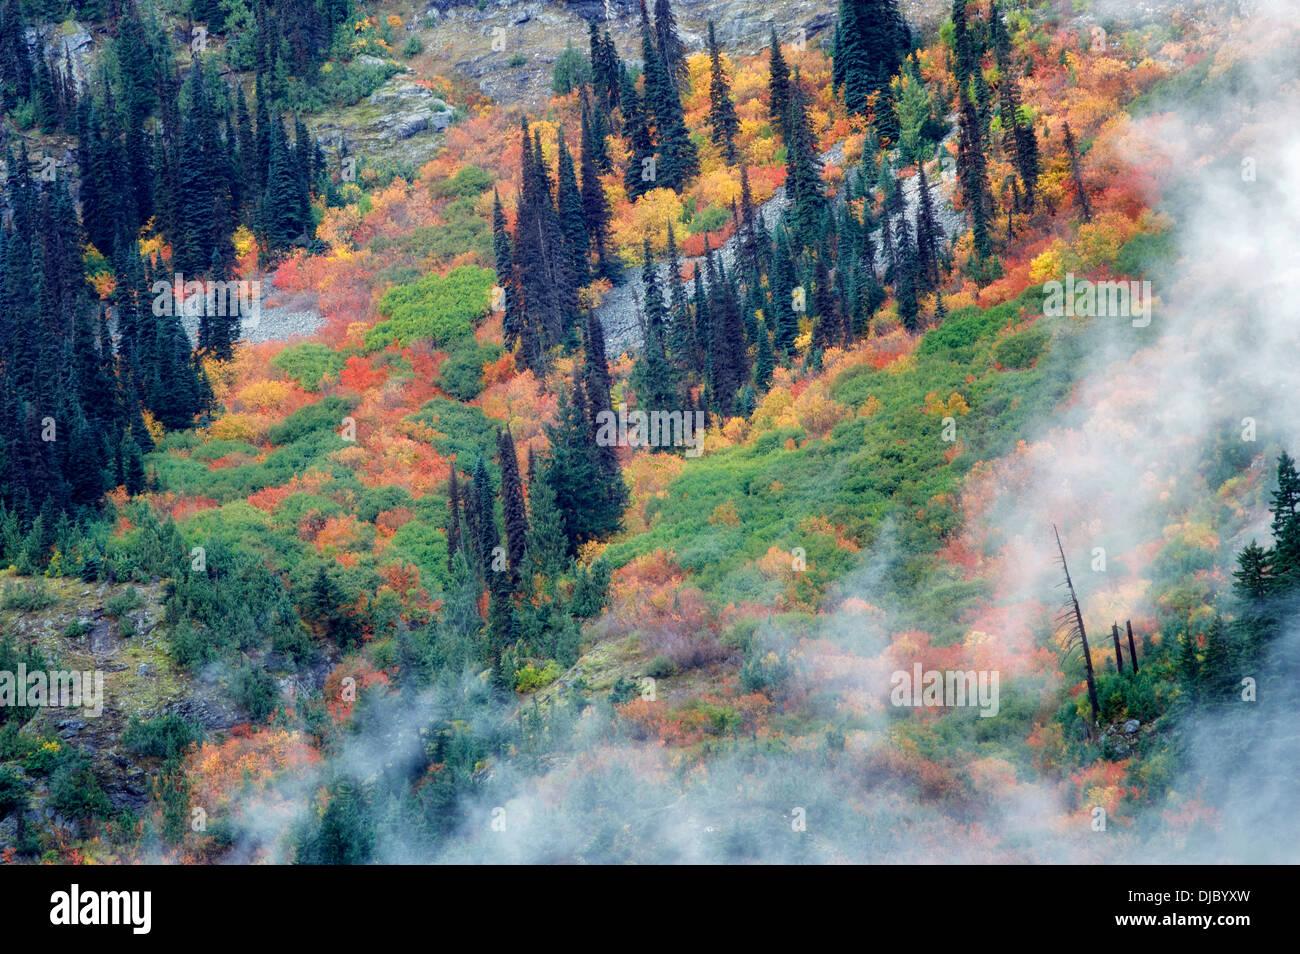 La couleur de l'automne et les nuages bas. North Cascades National Park. Washington Banque D'Images